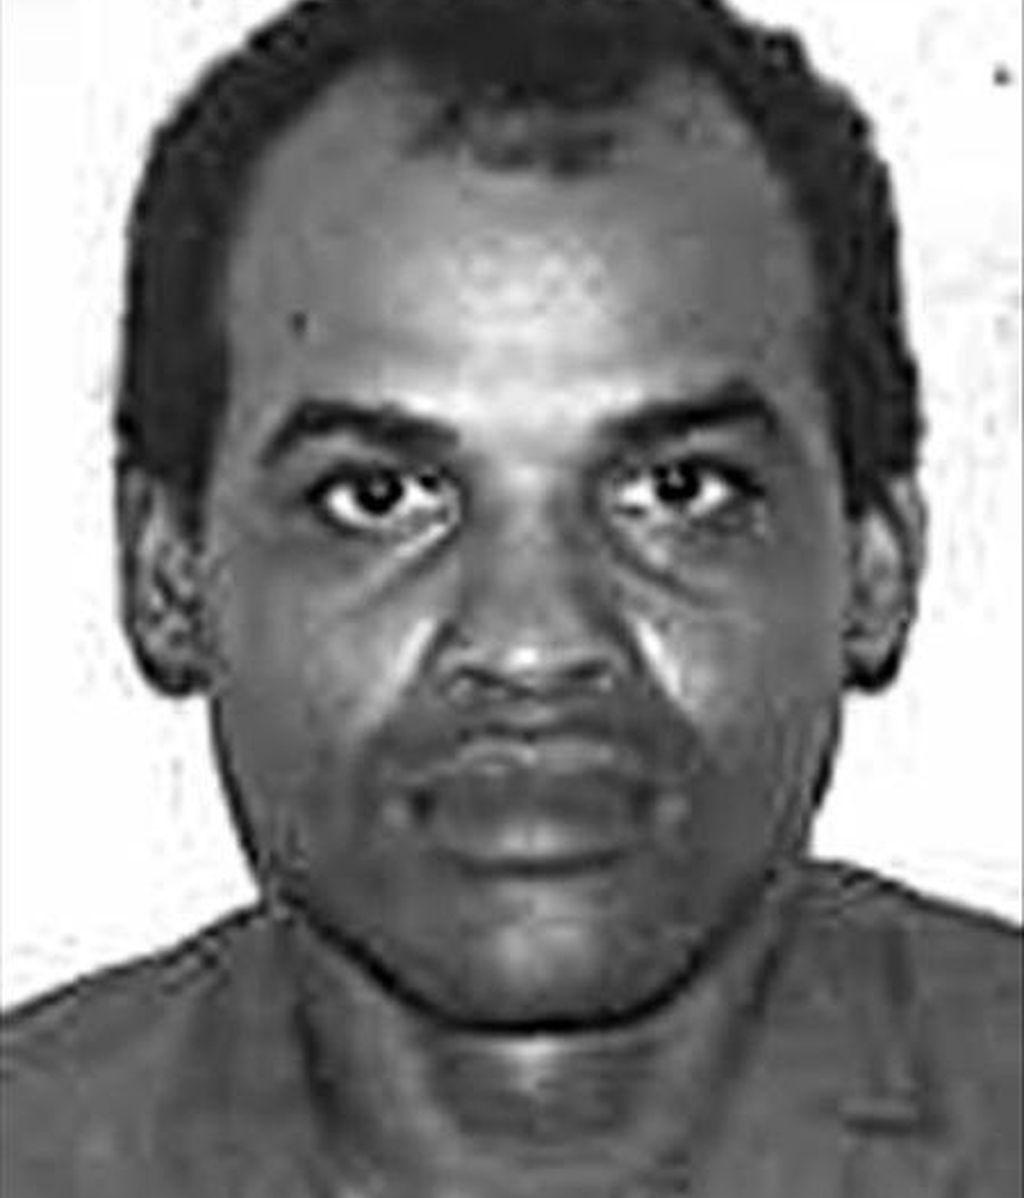 """Fotografía de archivo sin fechar, cedida por payolibre.com, del preso político cubano Orlando Zapata Tamayo, quien murió en un hospital de La Habana tras 85 días en huelga de hambre para pedir que se le tratara como """"prisionero de conciencia"""". EFE"""